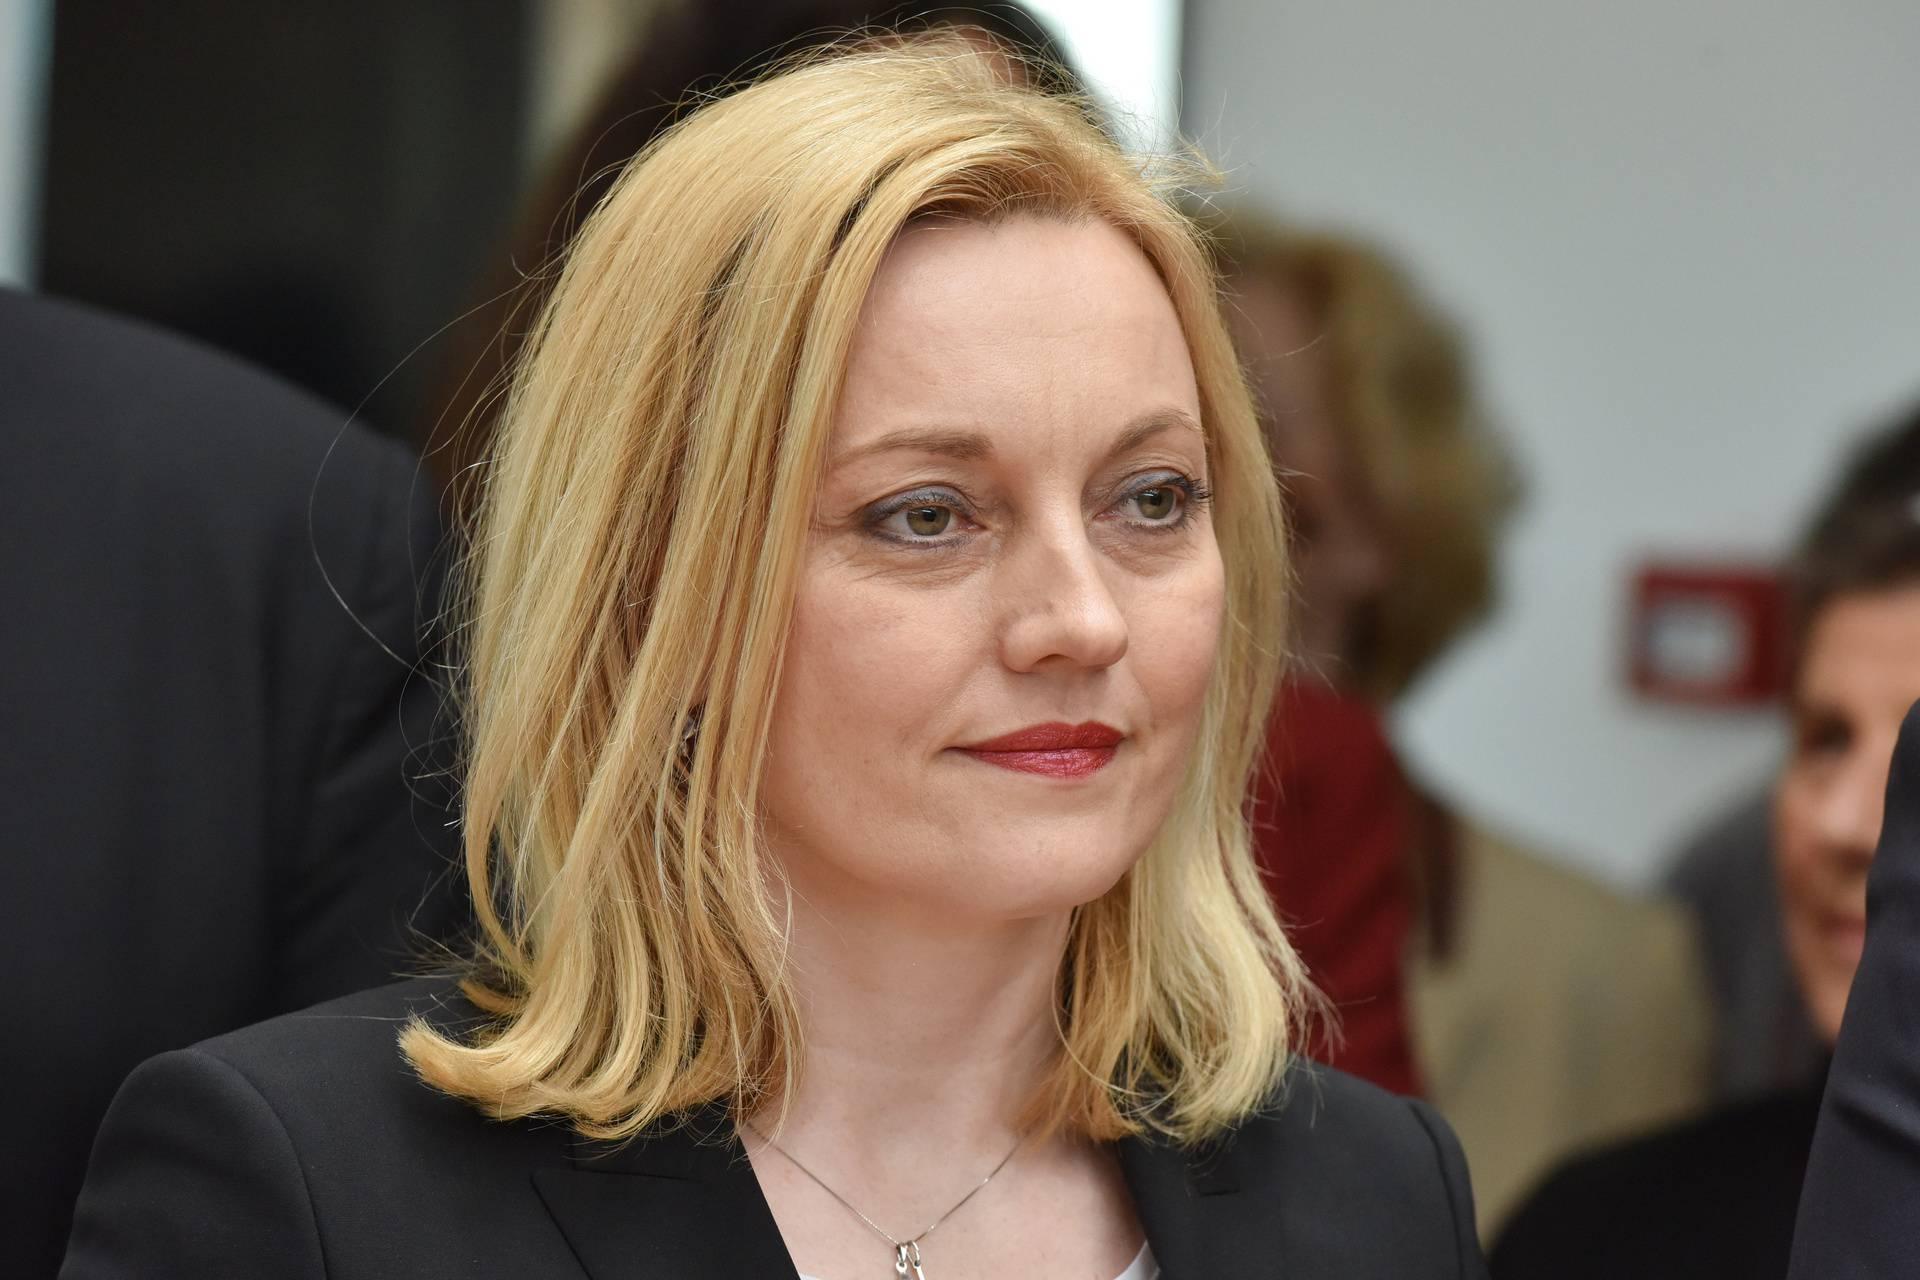 Skupilo se: Marijana Petir na računu uštedjela 5,2 milijuna kn